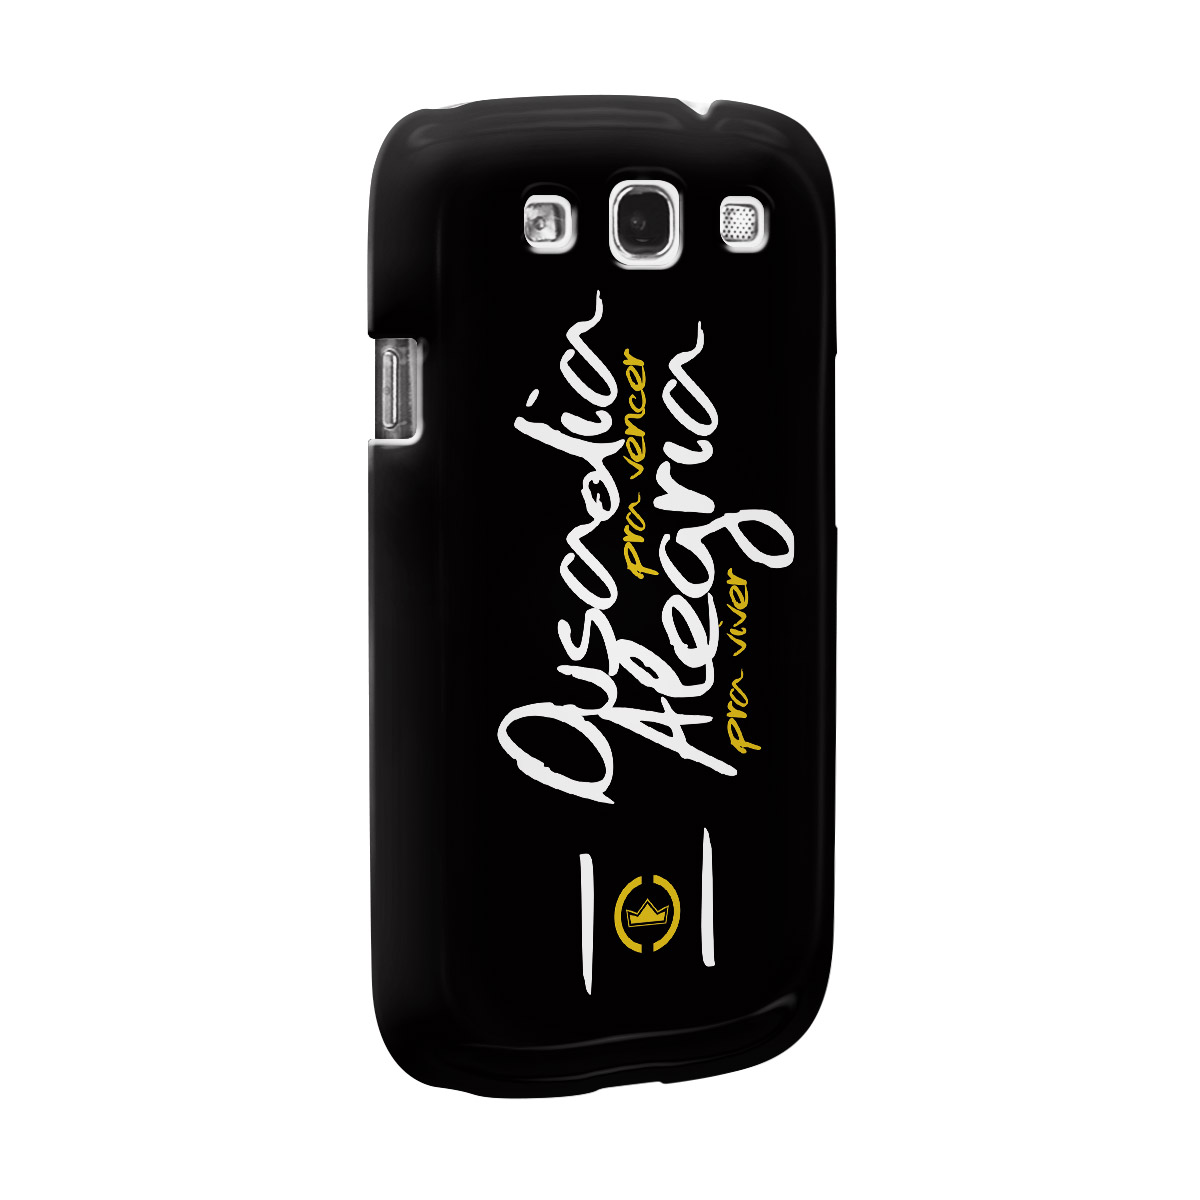 Capa de Celular Samsung Galaxy S3 Thiaguinho Ousadia Pra Vencer